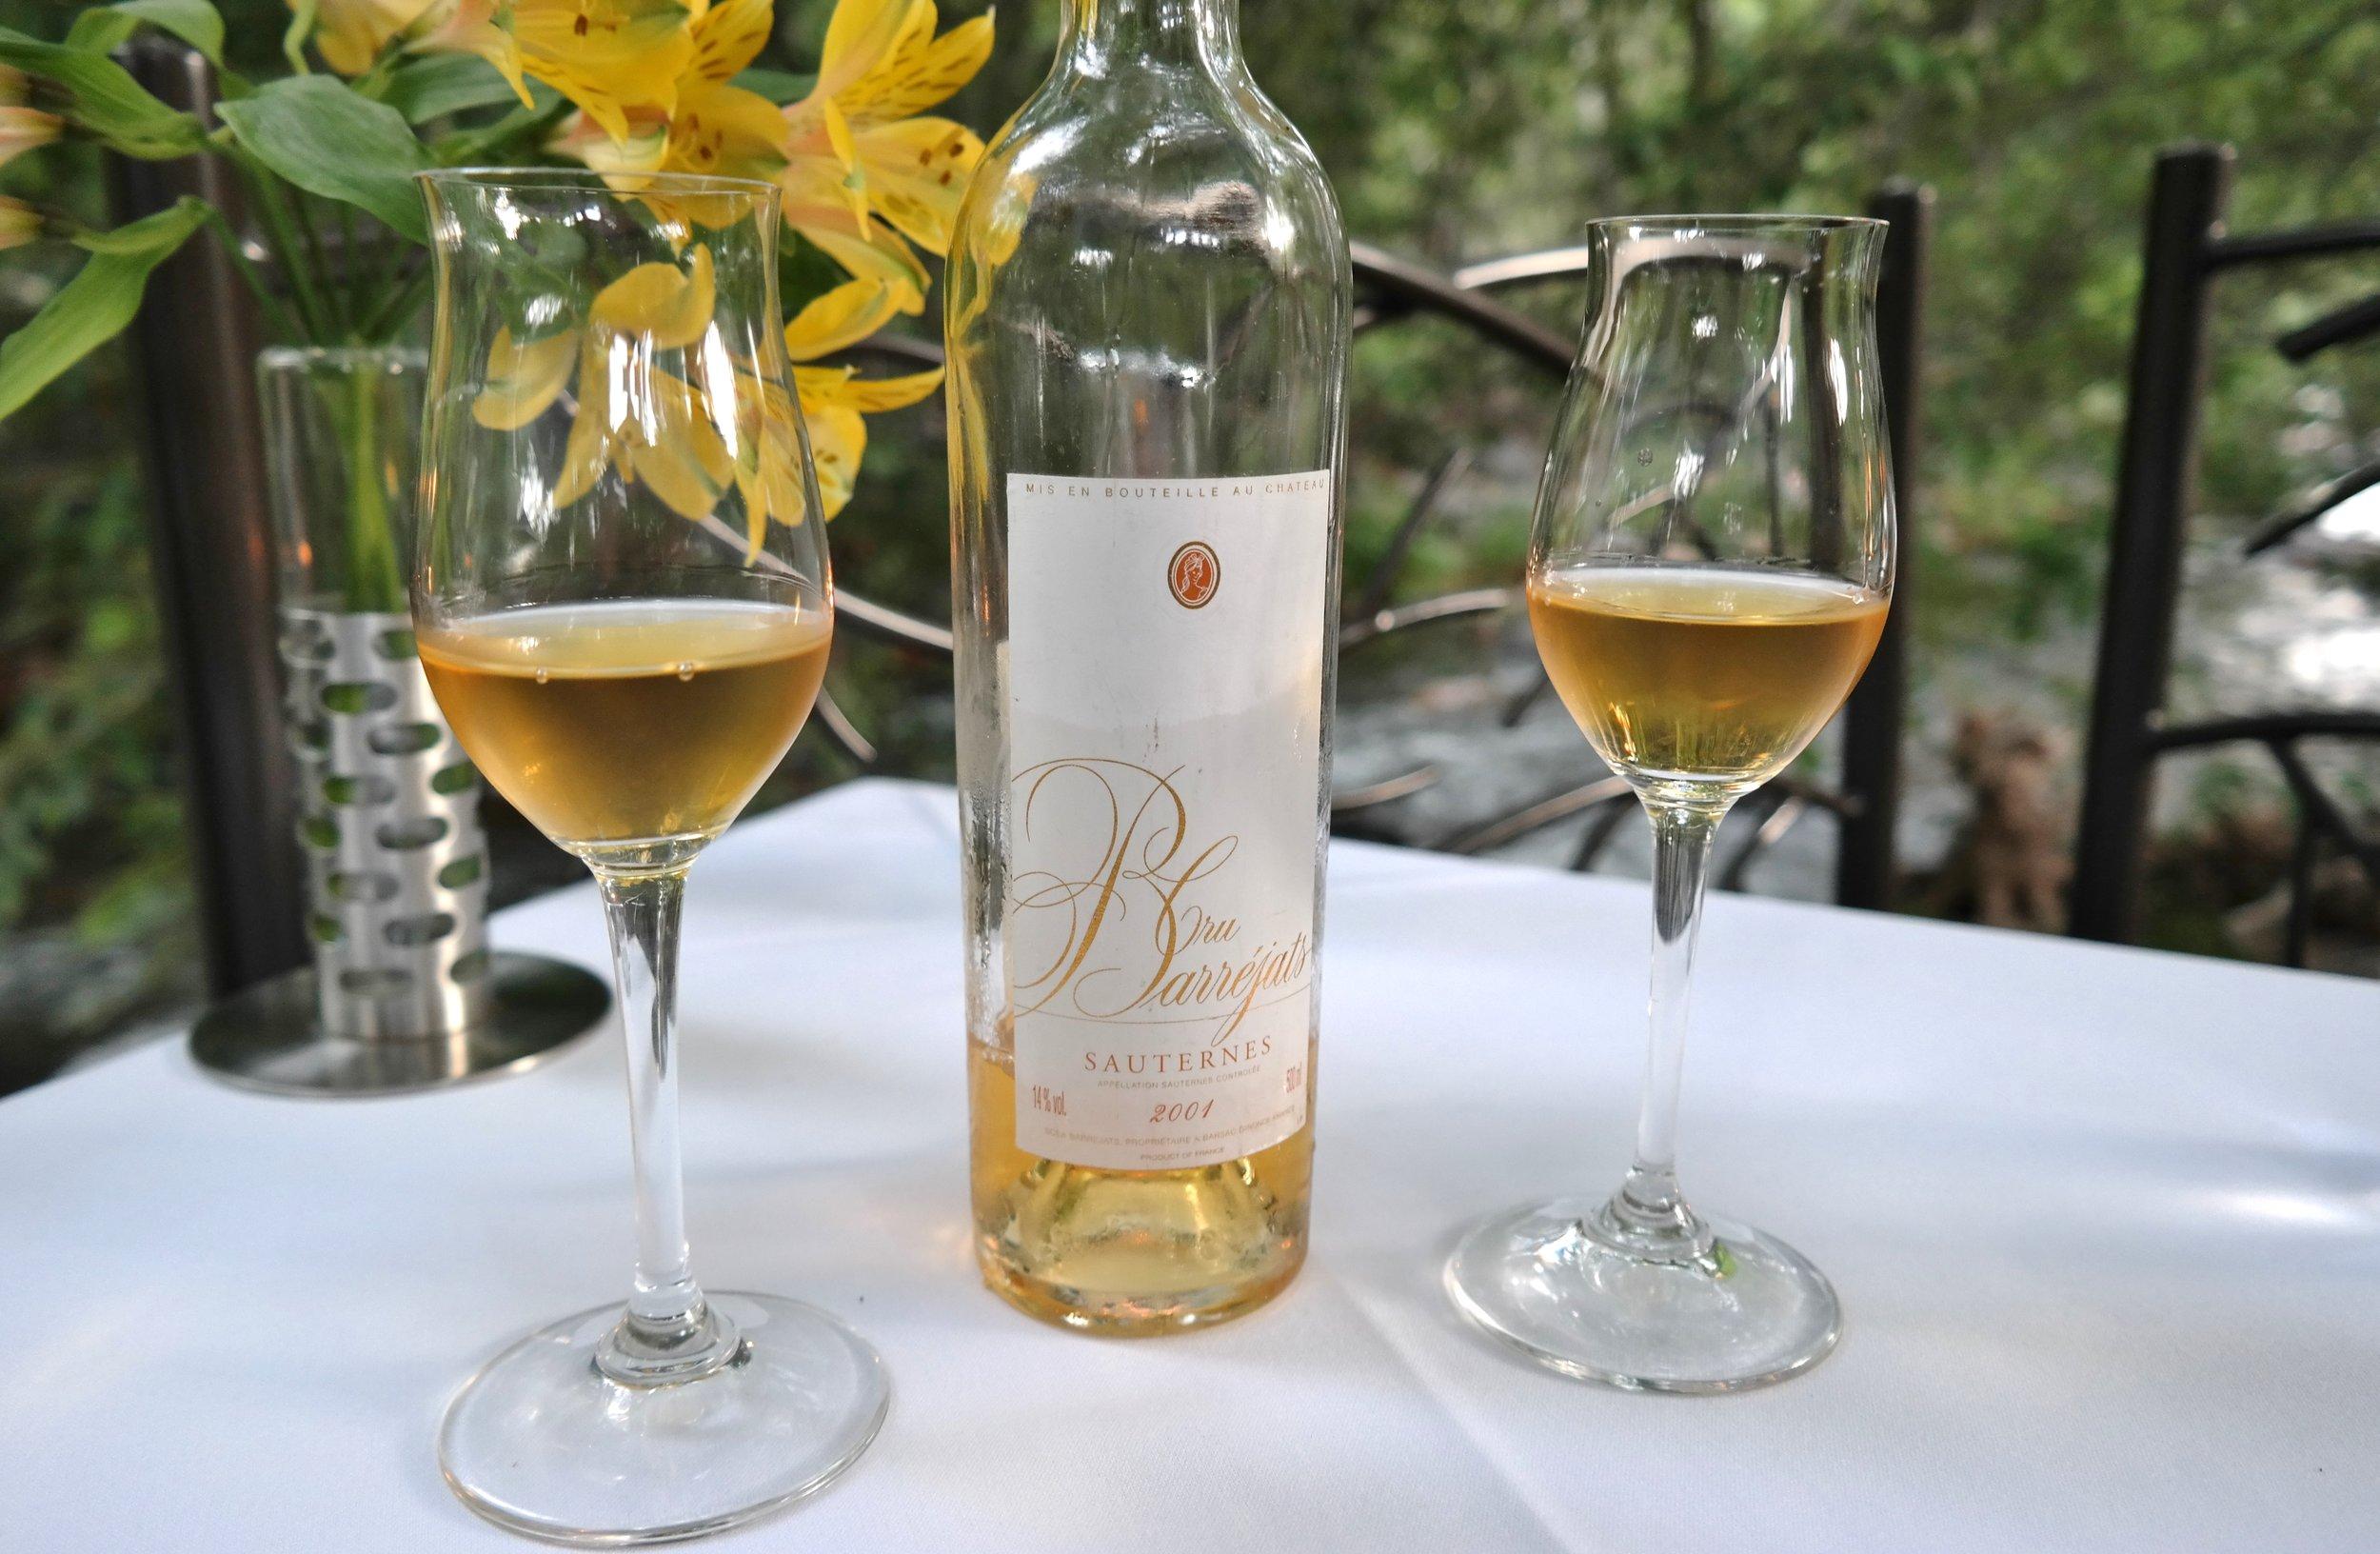 Sauternes wine pairing